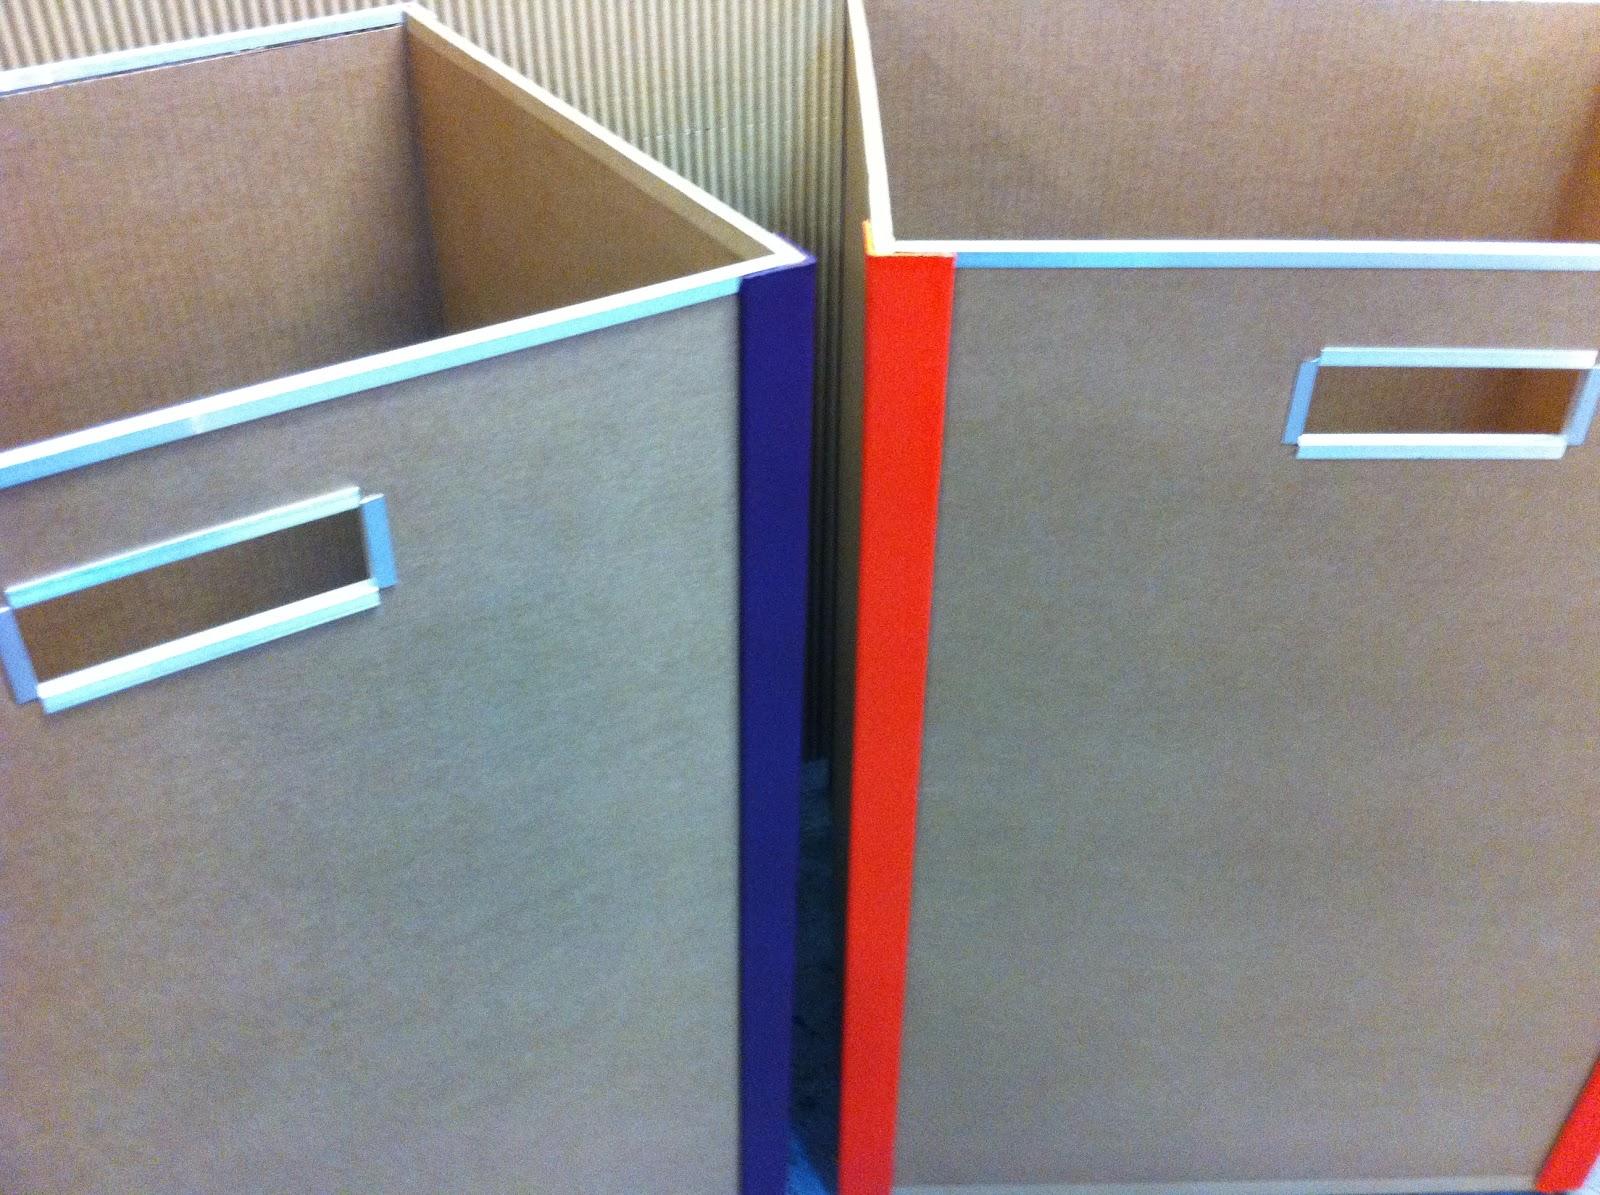 meuble en carton. bac de rangement sur mesure. fabriqué à marseille par juliadesign.